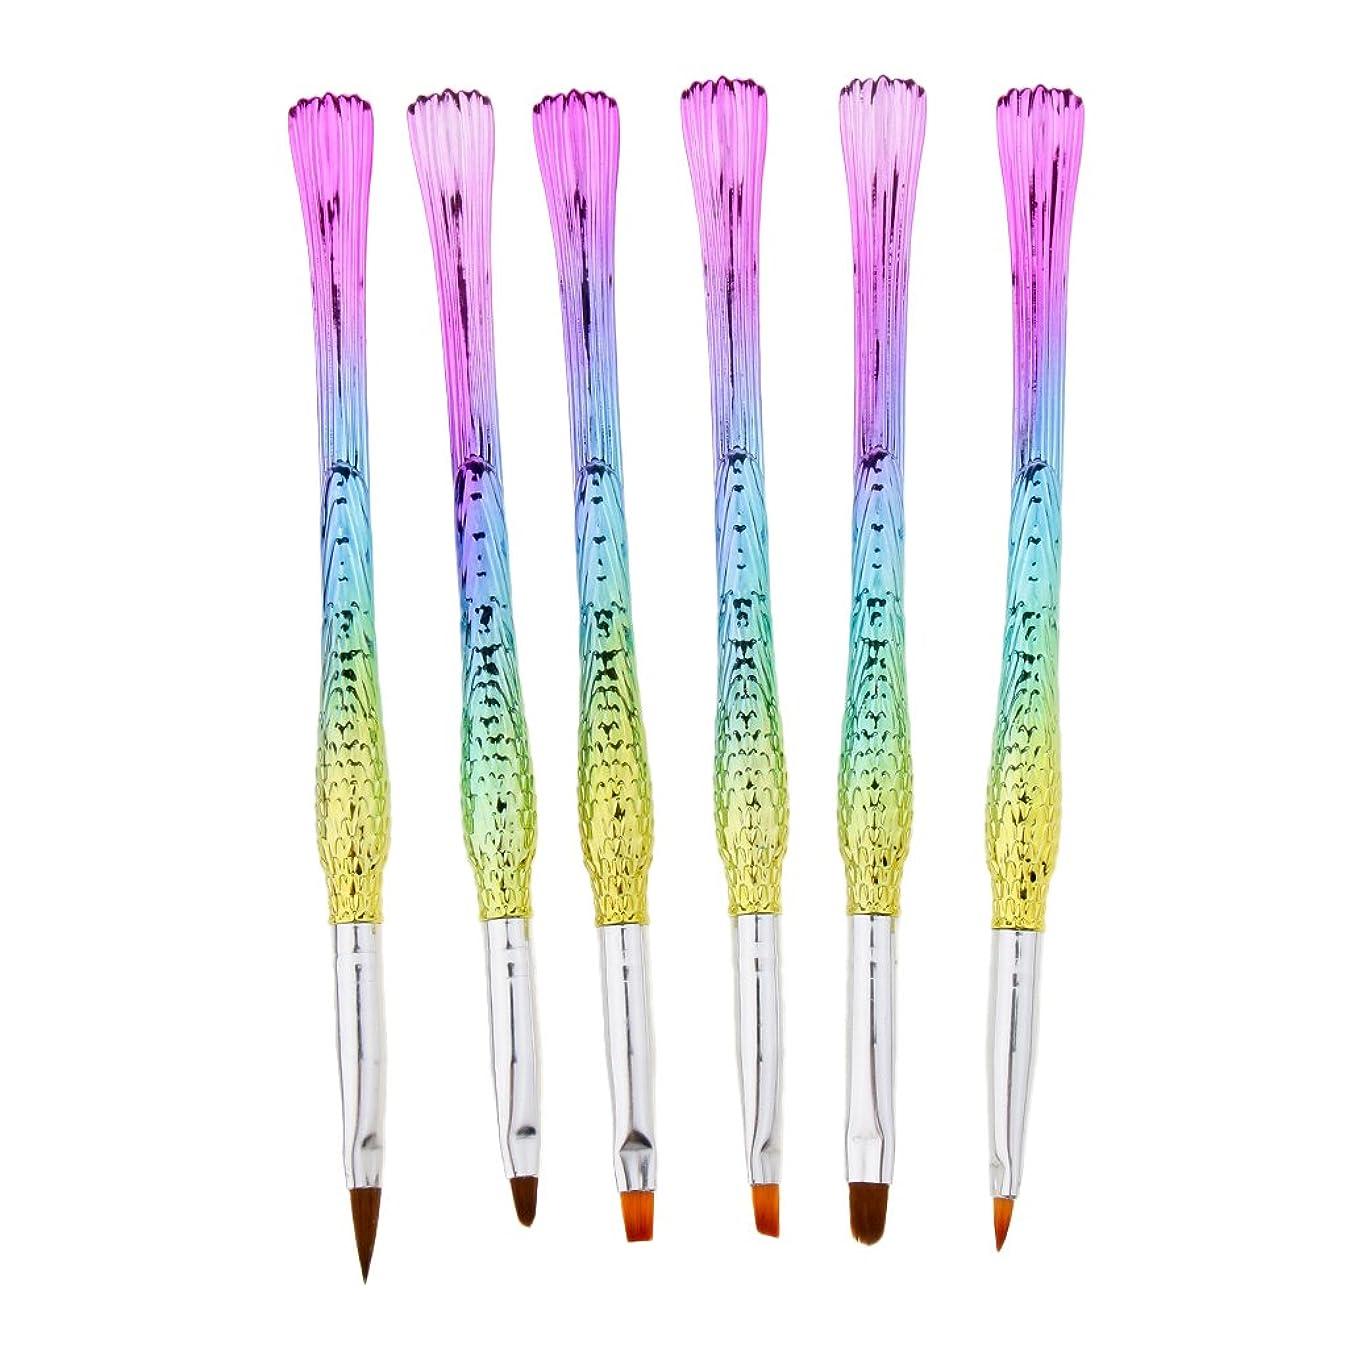 Homyl ネイルアートペン ネイルブラシ マーメイドテール おしゃれ ネイルデザイン プレゼント 5タイプ選べ - 6本 タイプ5